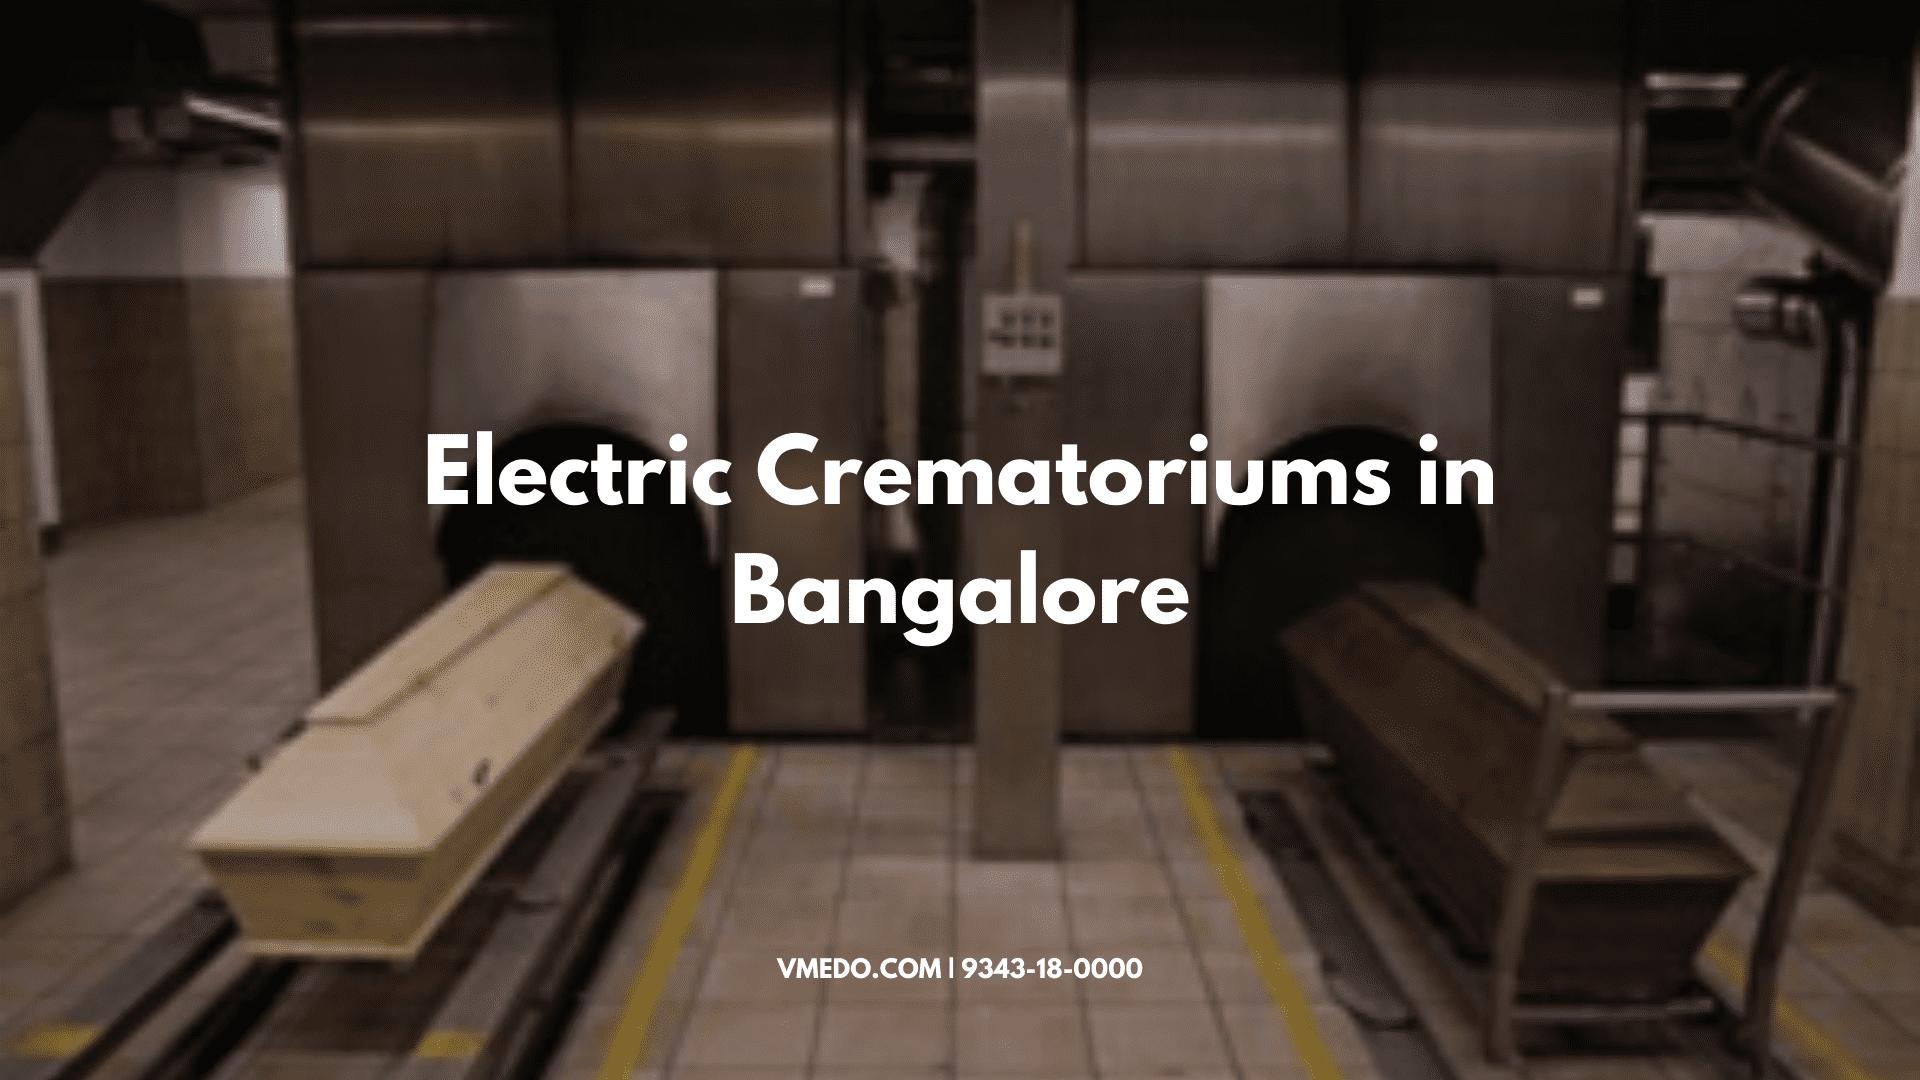 Electric Crematoriums in Bangalore